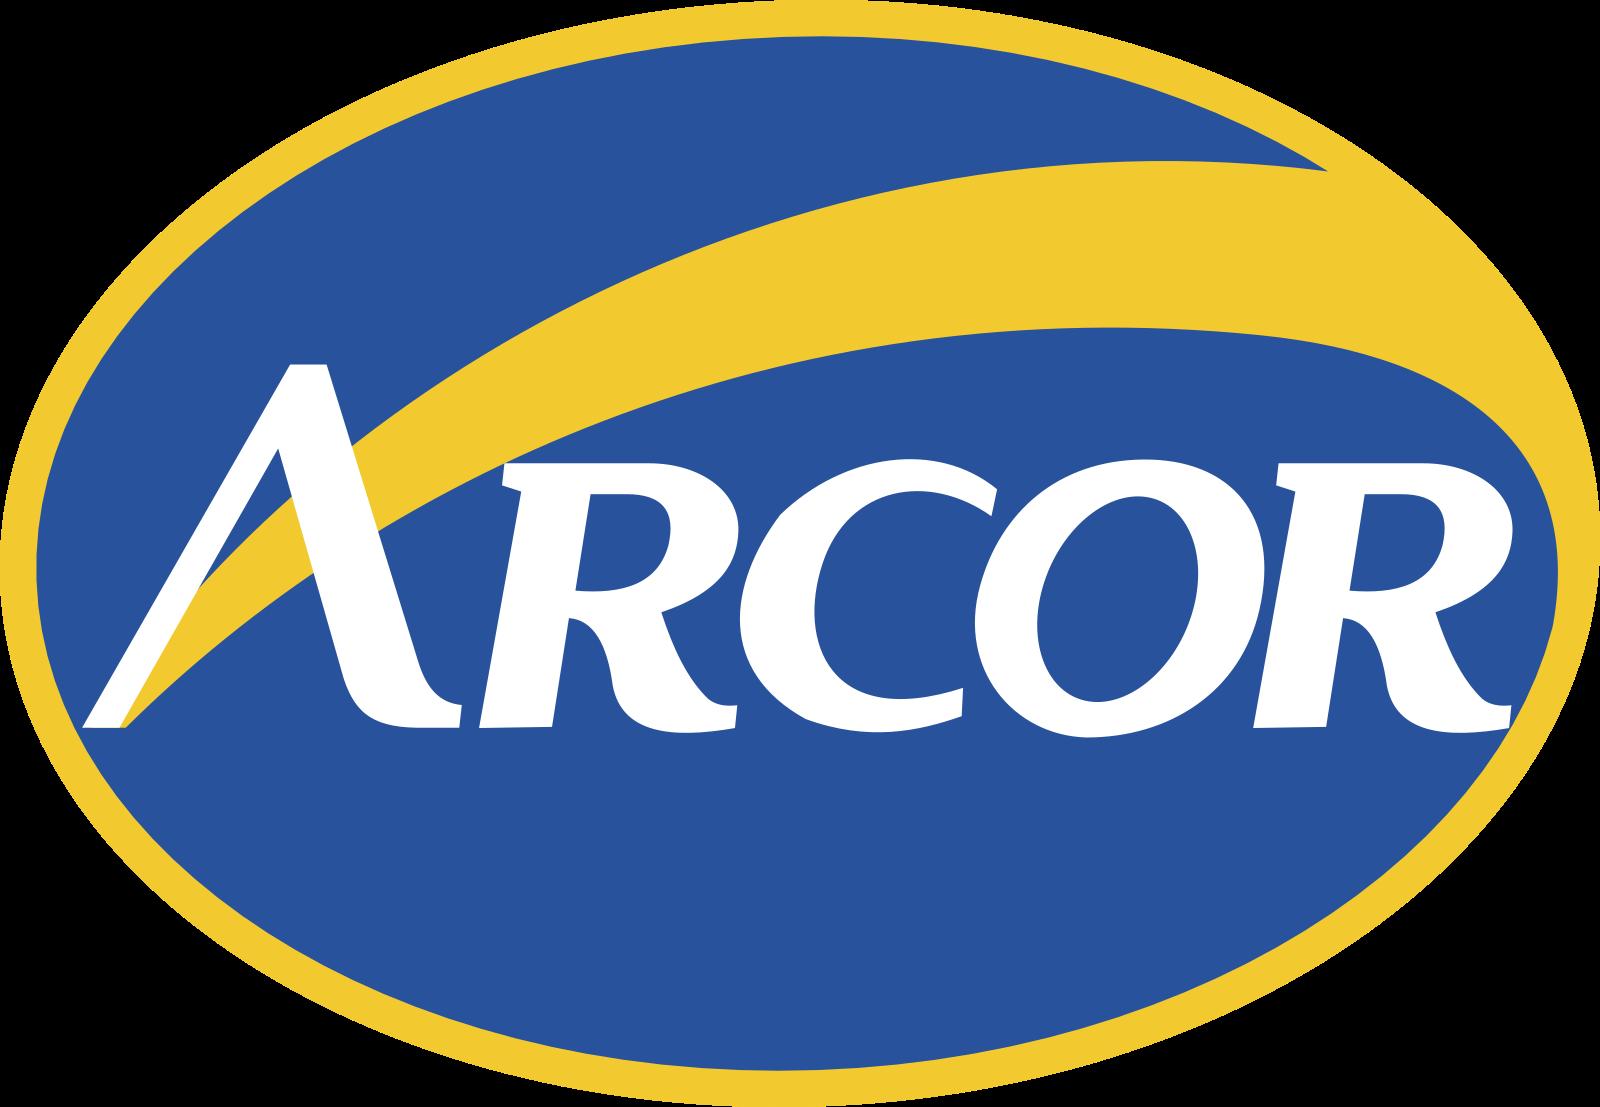 arcor logo 2 - Arcor Logo